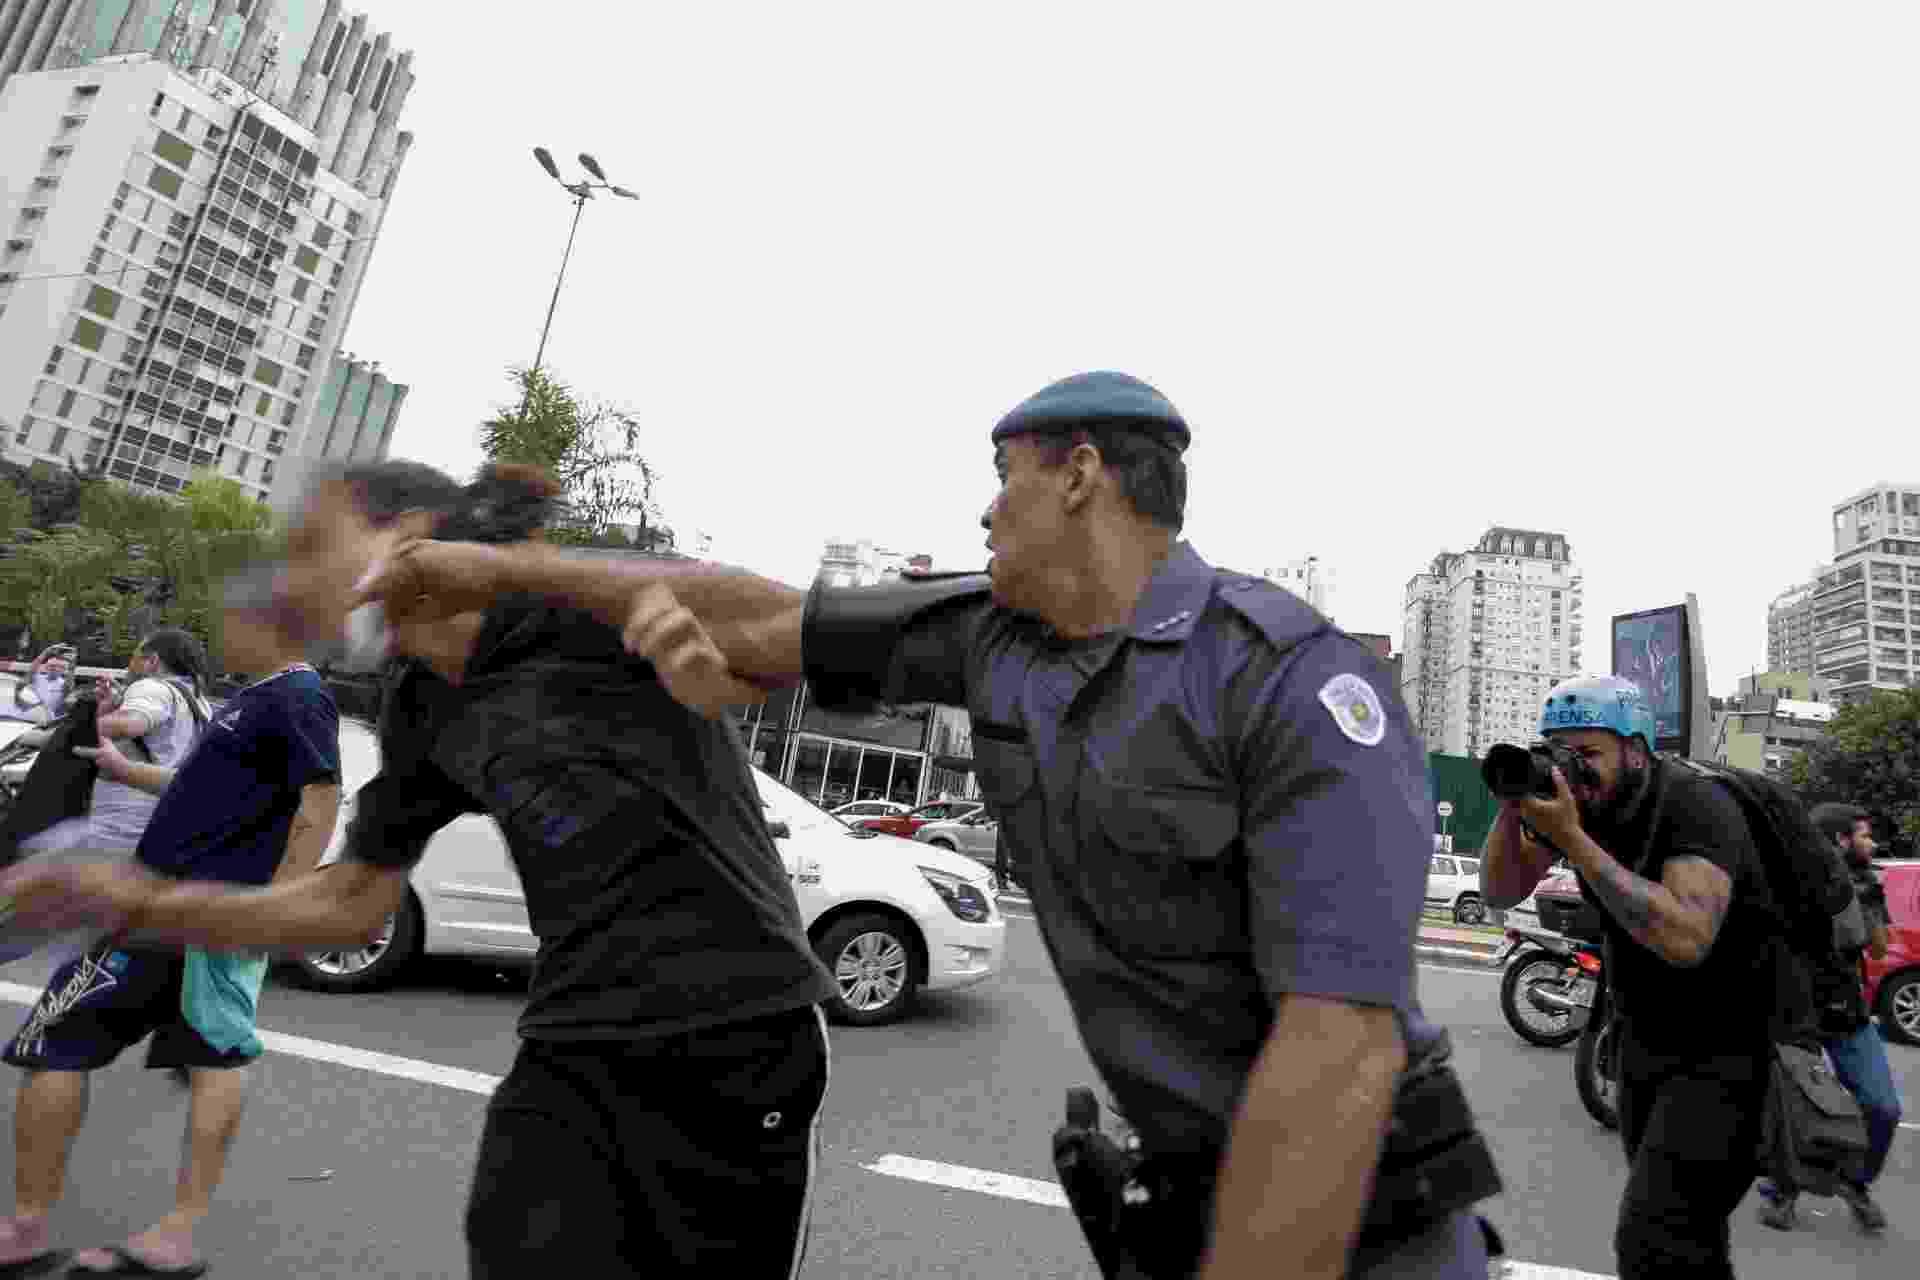 3.dez.2015 - Policiais usaram bombas de gás para dispersar manifestantes que protestavam contra a reorganização escolar na avenida Brigadeiro Faria Lima, esquina com avenida Rebouças, em Pinheiros, zona oeste de São Paulo - Newton Menezes/Estadão Conteúdo